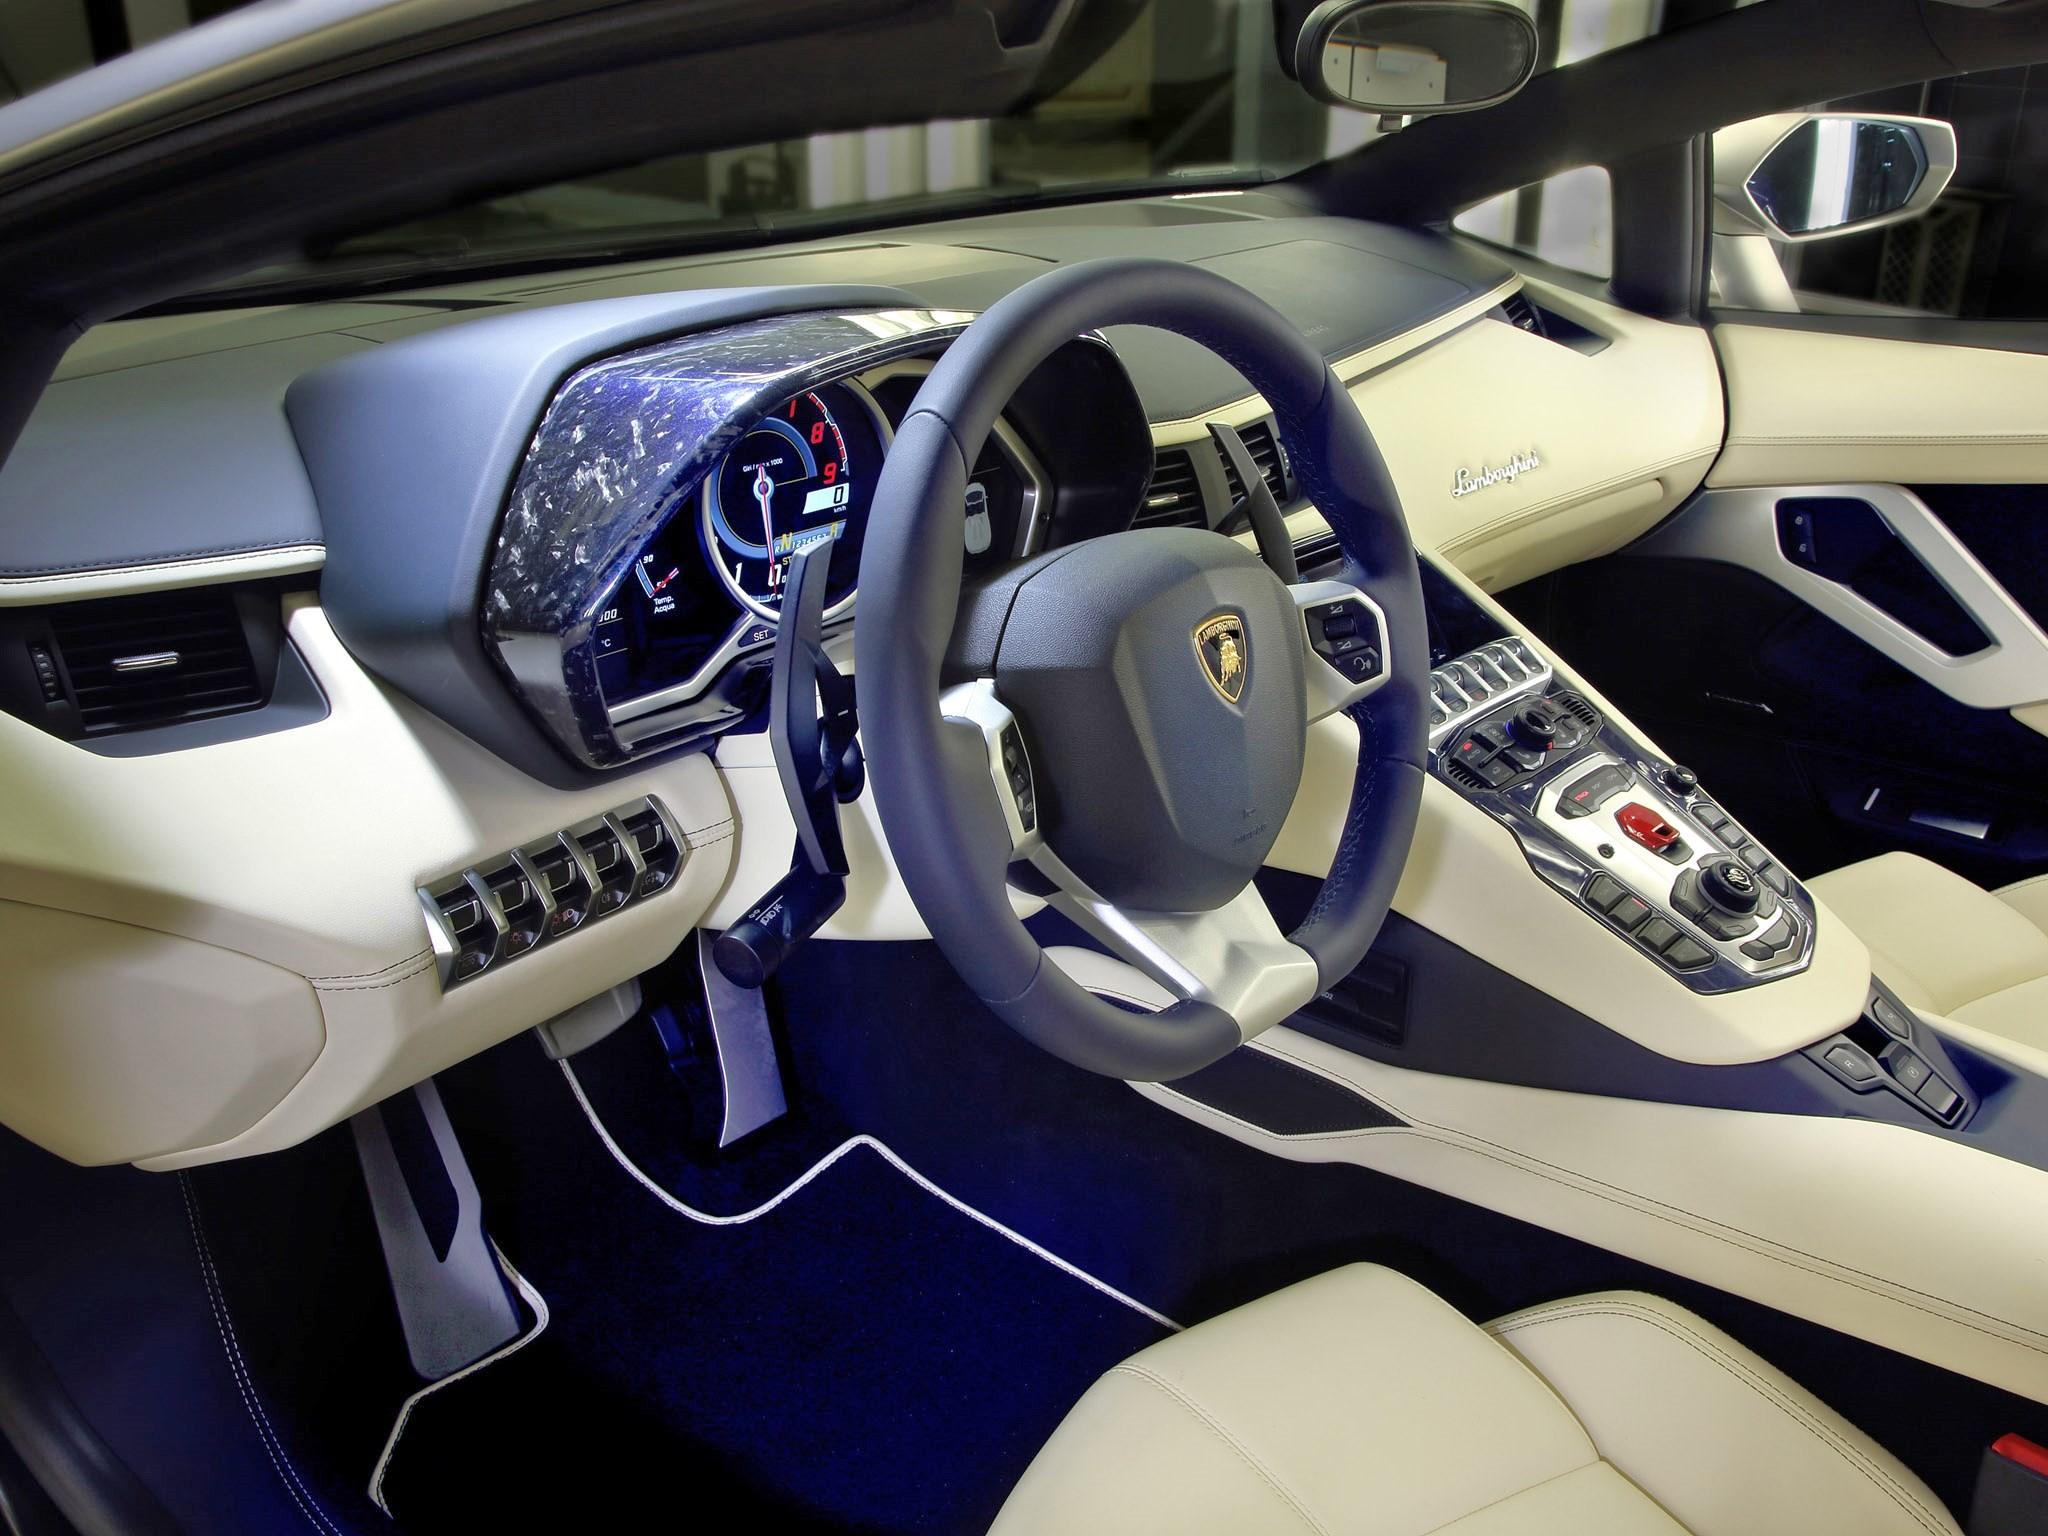 """Lamborghini Aventador lp700-4 Roadster """"AD-Personam"""" 2014"""